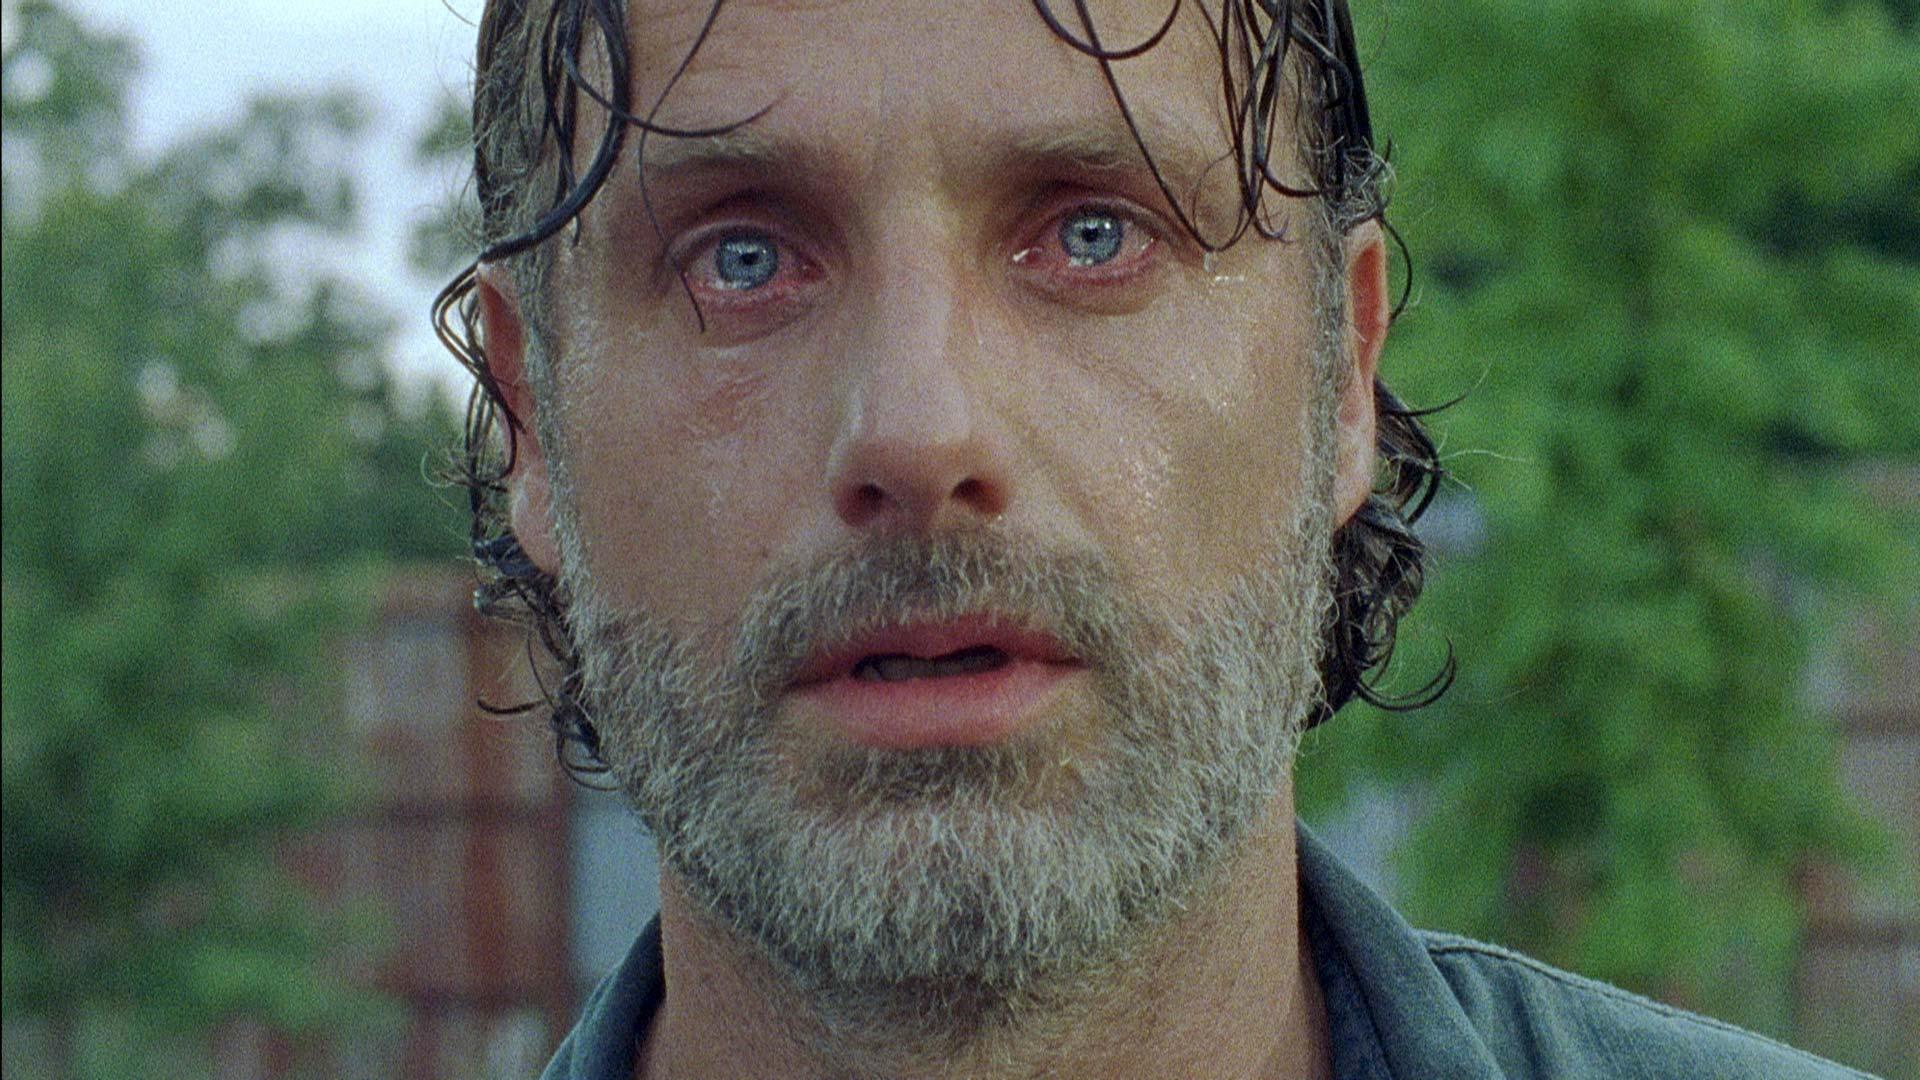 ako dopadlo midseason finale The Walking Dead